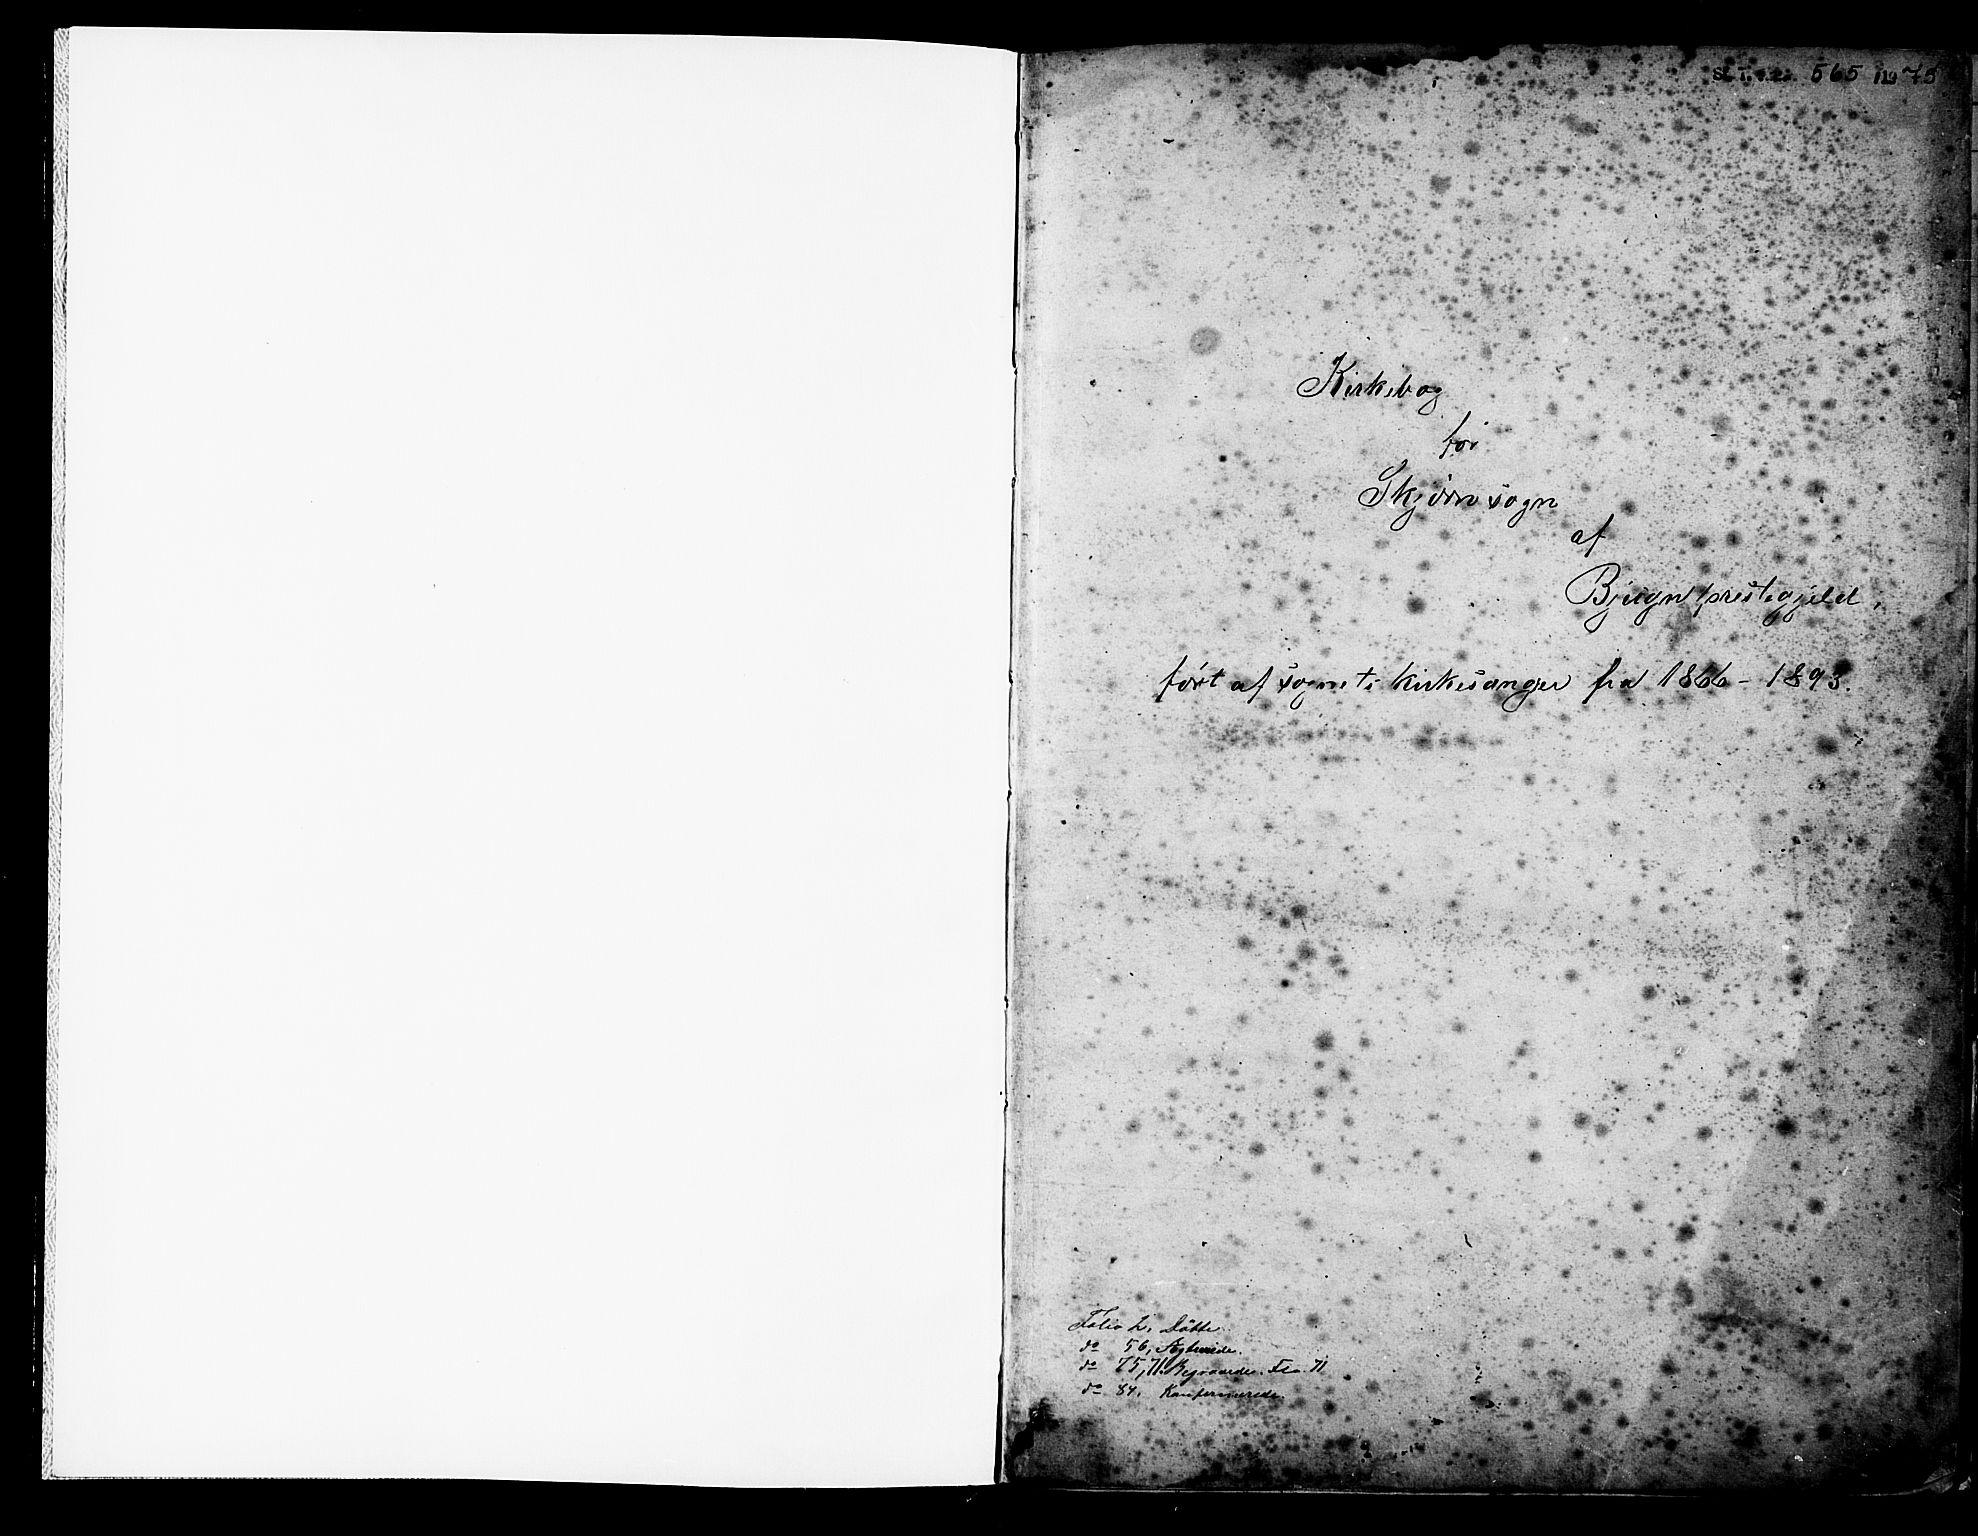 SAT, Ministerialprotokoller, klokkerbøker og fødselsregistre - Sør-Trøndelag, 653/L0657: Klokkerbok nr. 653C01, 1866-1893, s. 1